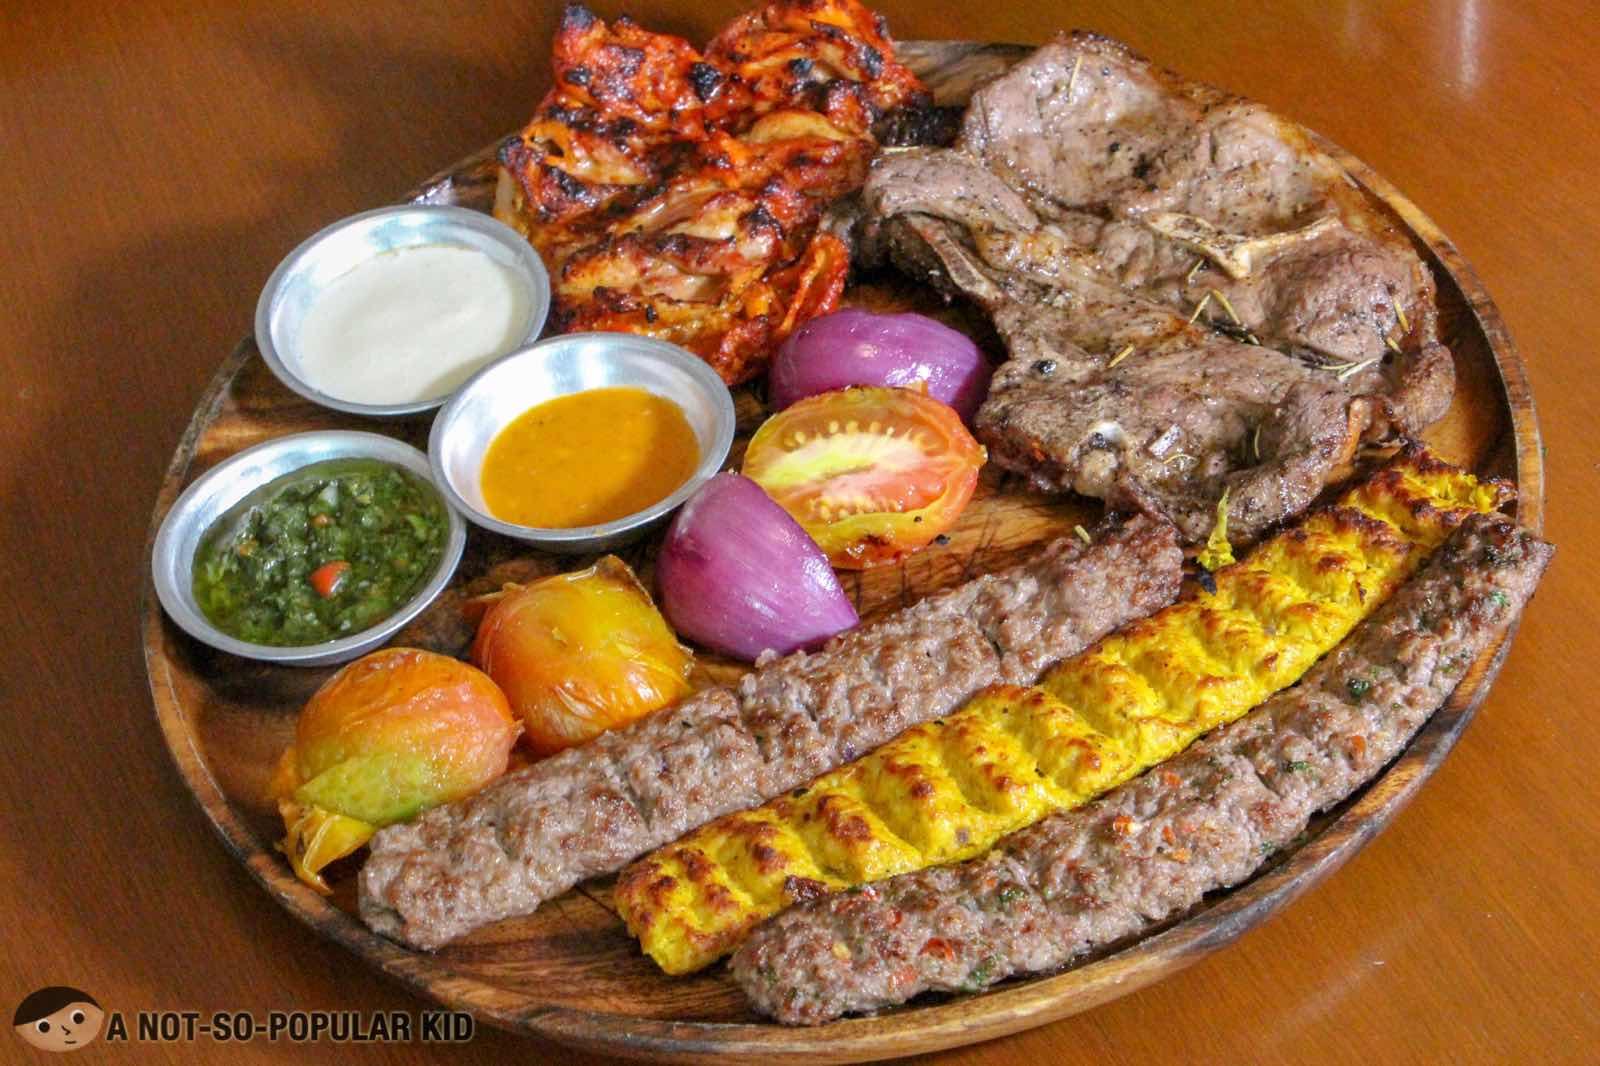 Kebab Sampler Platter of Kite Kebab Bar